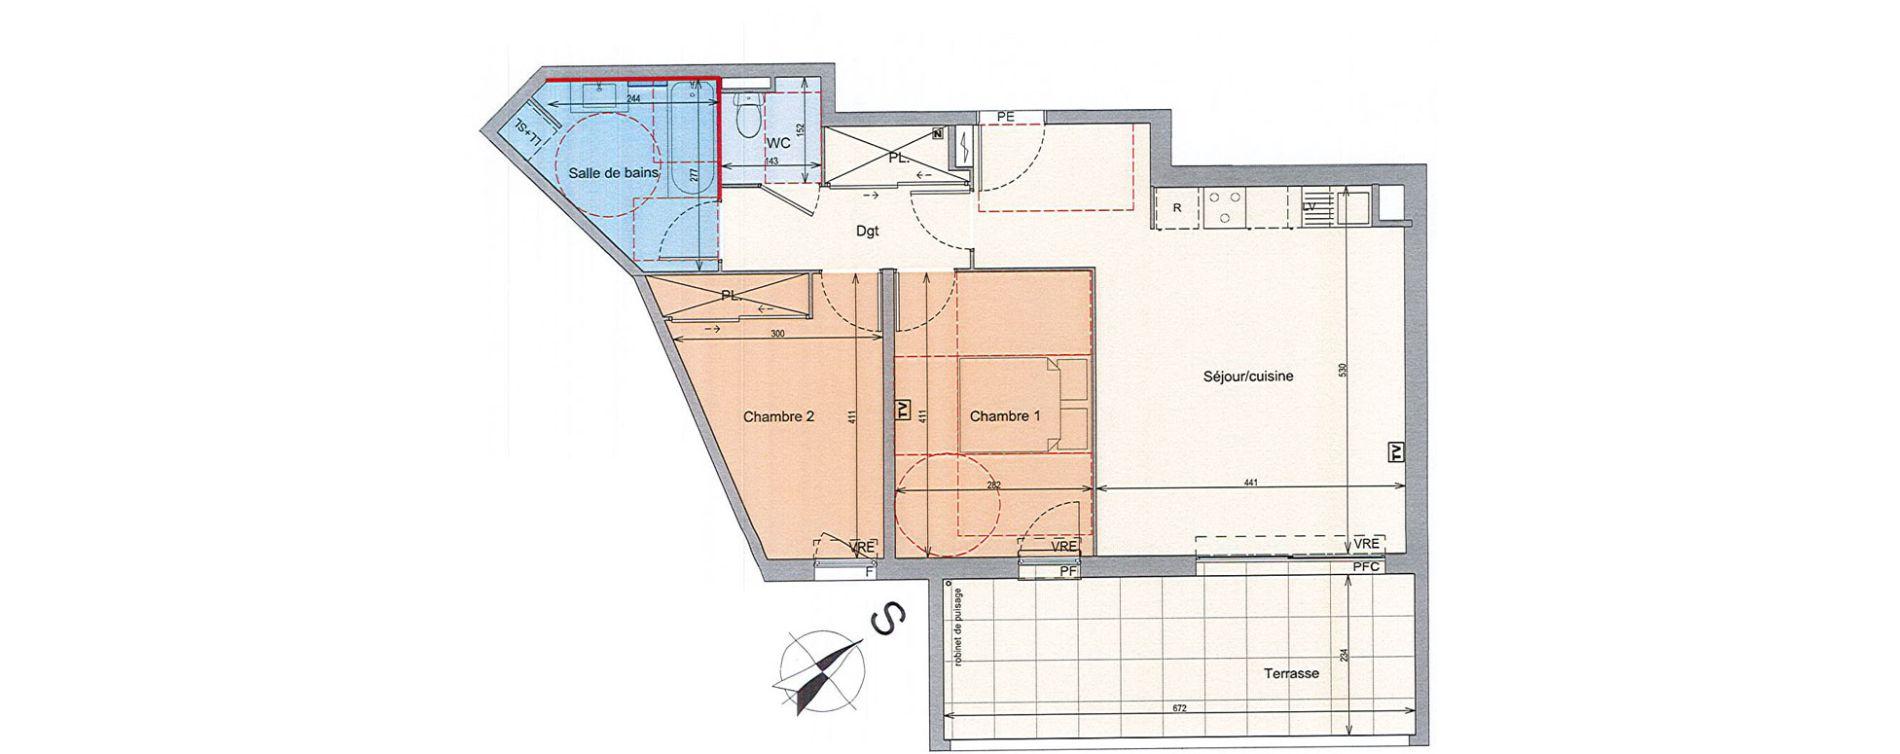 Appartement T3 de 63,66 m2 à Grabels La valsière